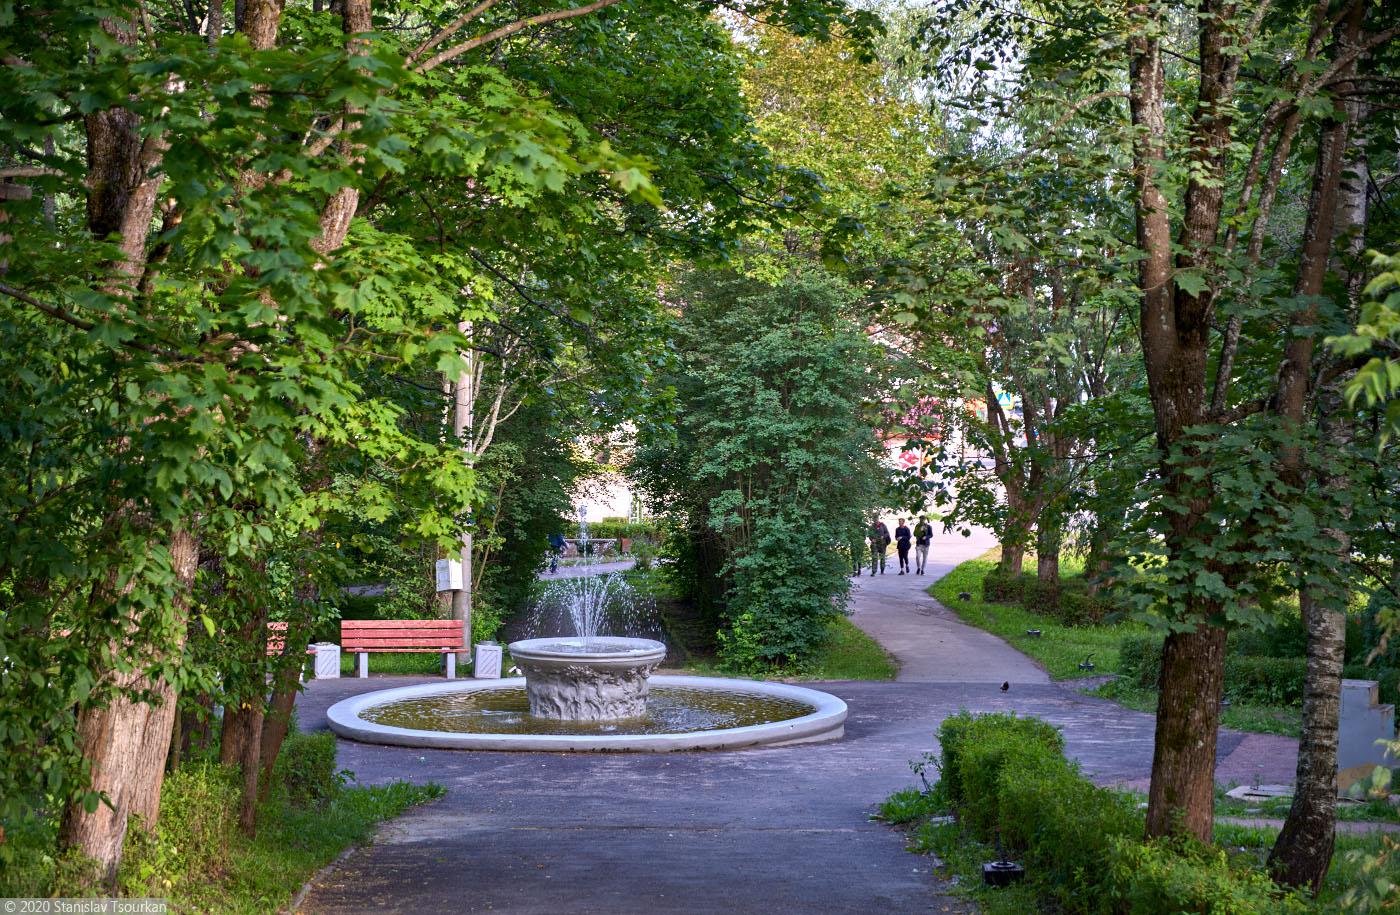 Лахденпохья, Карелия, республика Карелия, городской сквер, фонтан